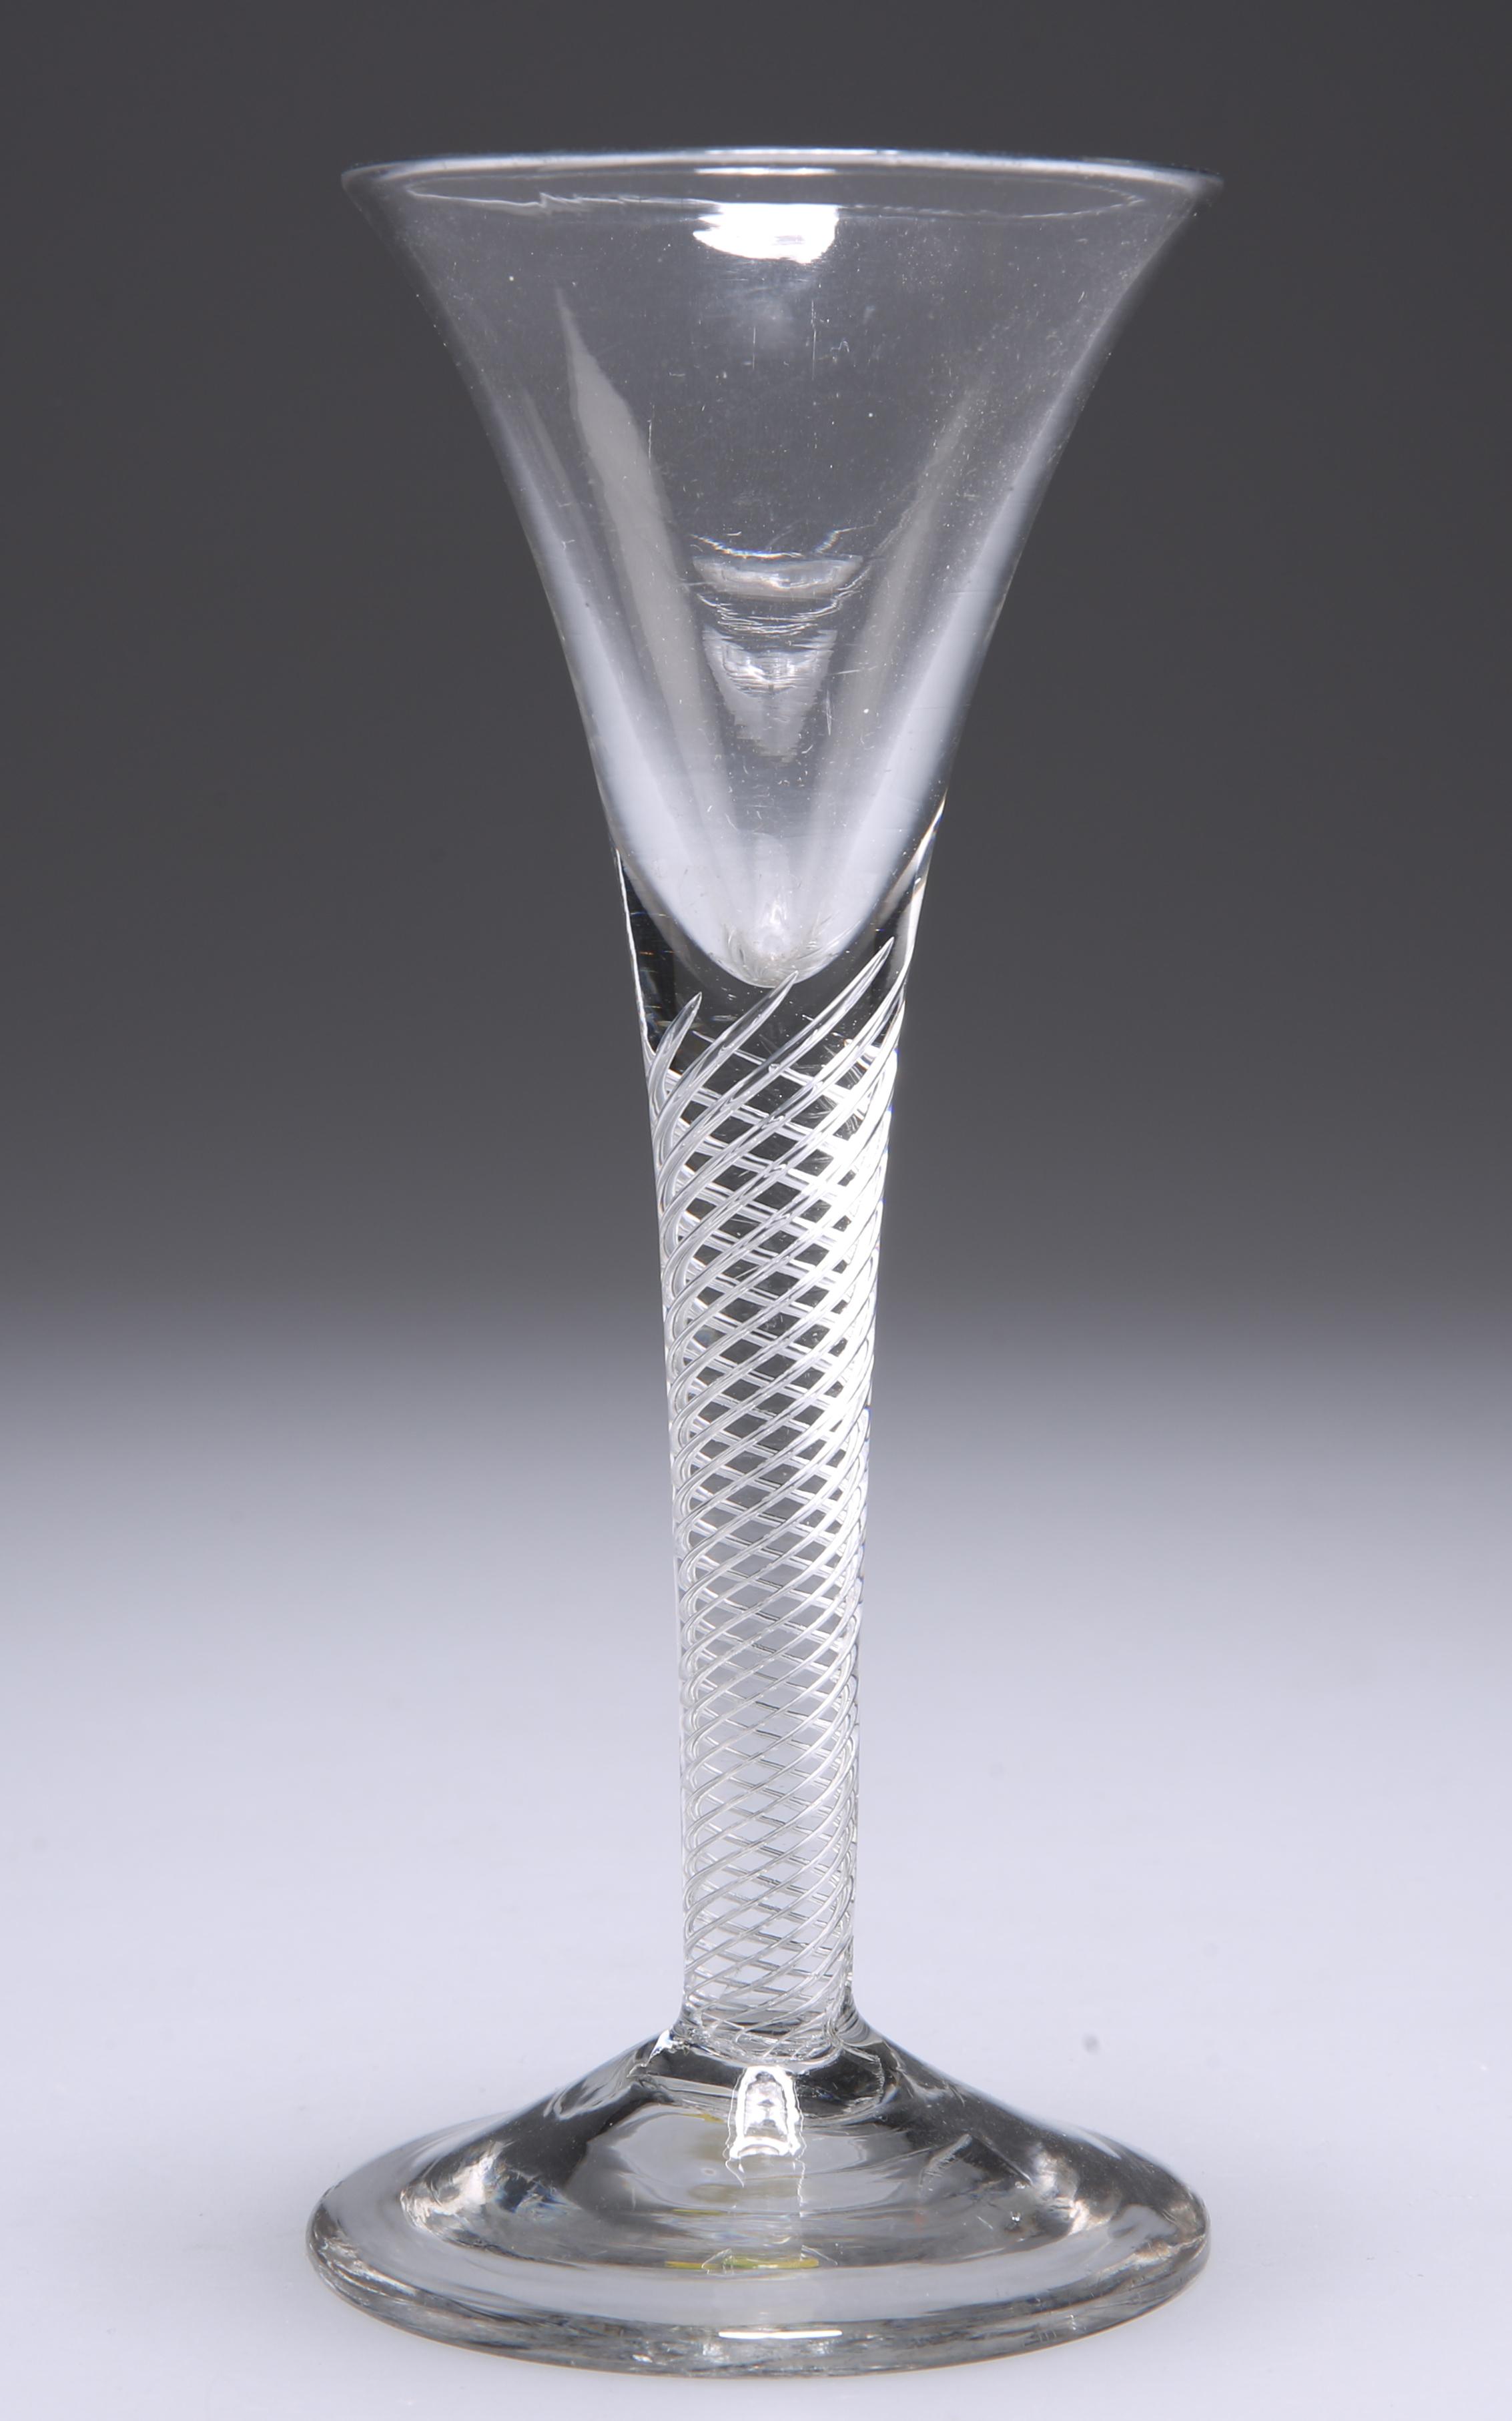 AN AIR TWIST WINE GLASS, CIRCA 1770